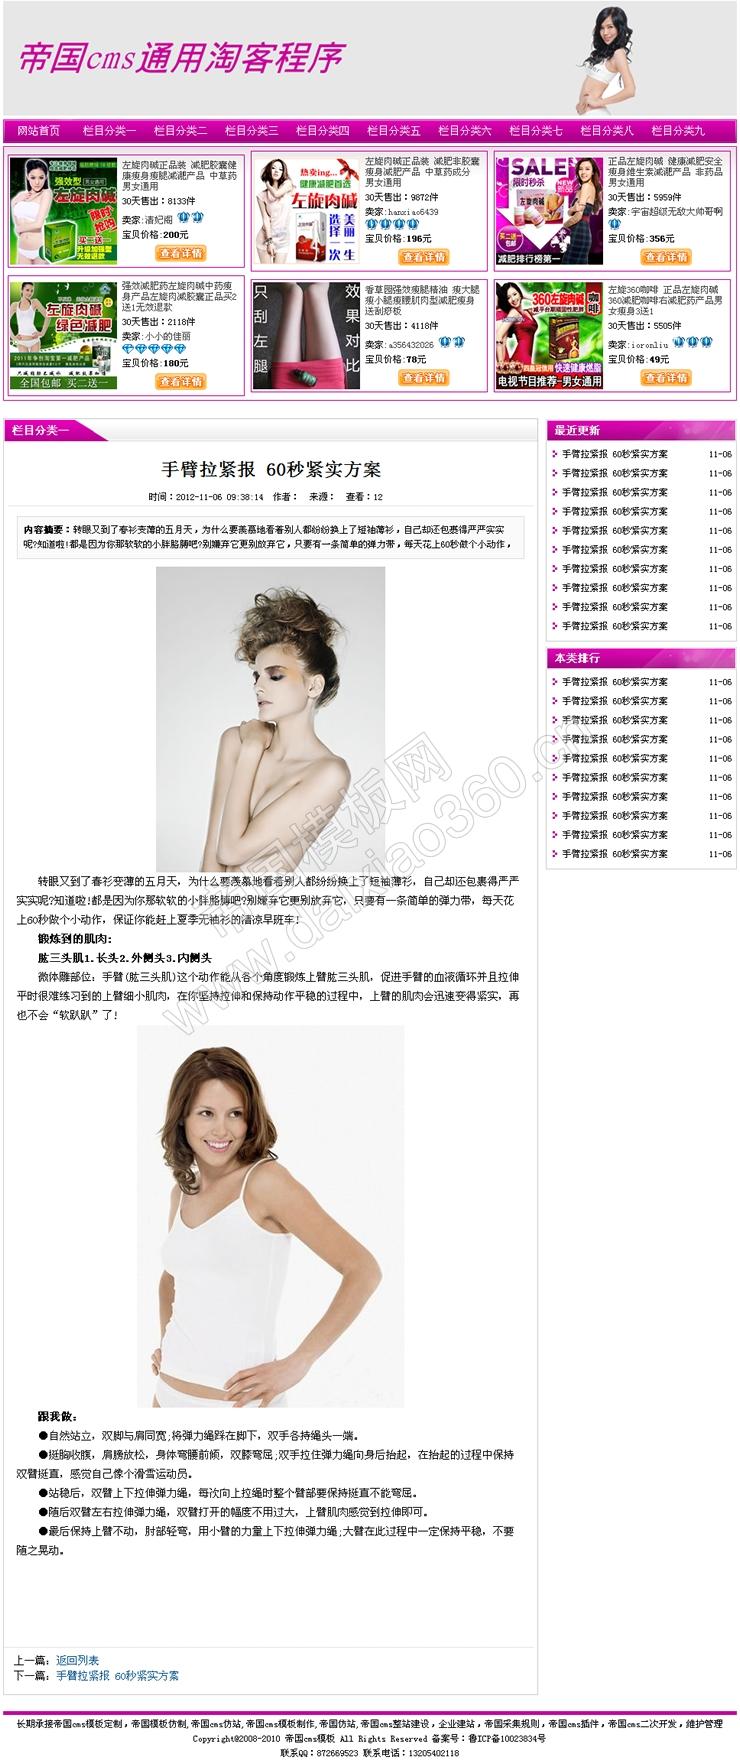 帝国cms紫色版最新淘宝客程序加文章发布系统_内容页